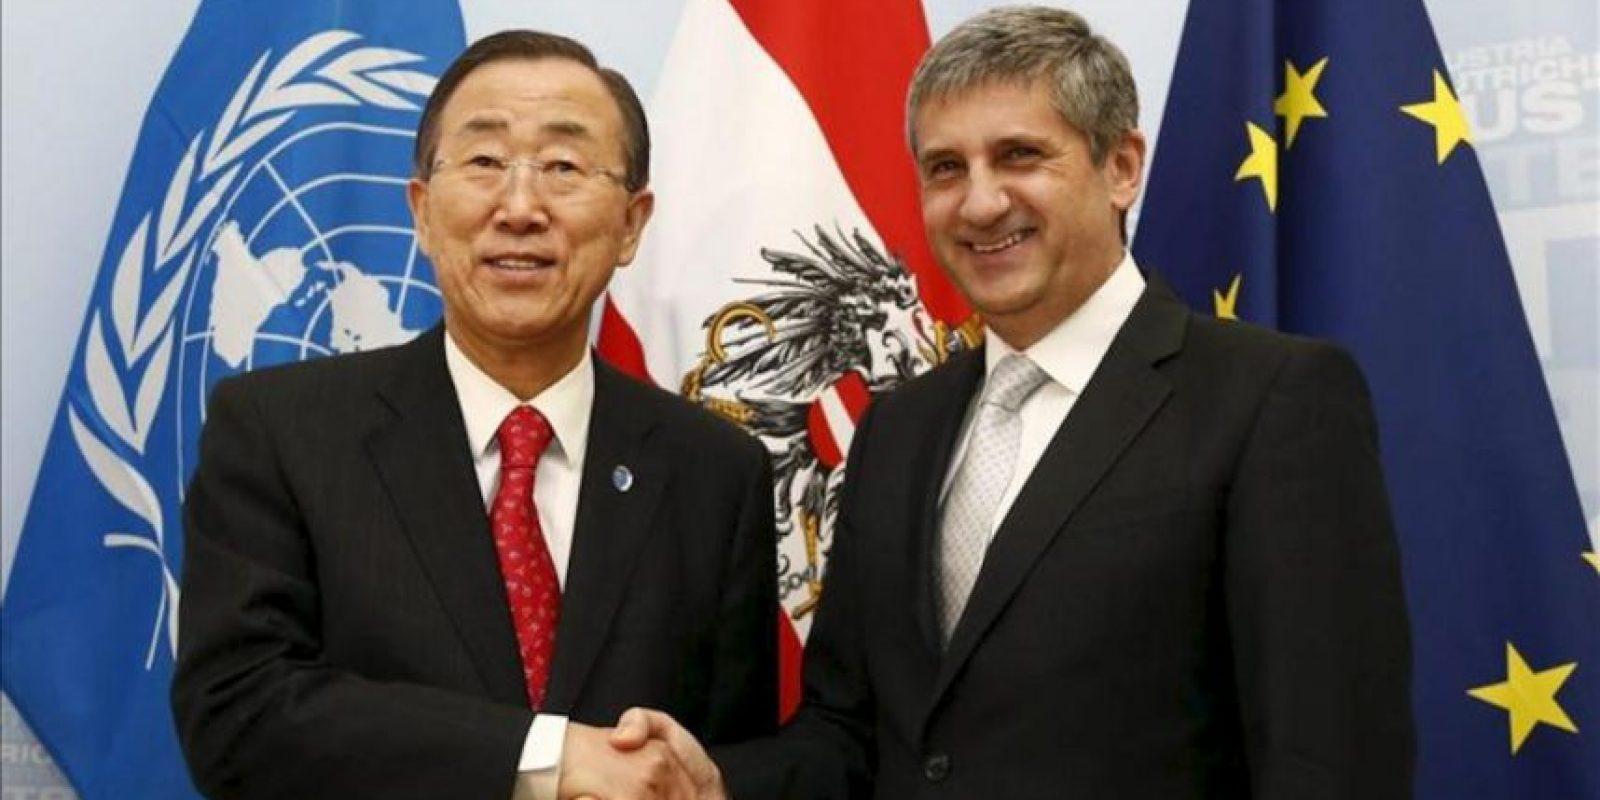 El secretario general de las Naciones Unidas, Ban Ki-moon (izq), estrecha la mano del ministro de Asuntos Exteriores austriaco, Michael Spindelegger (der), antes de su reunión en Viena, Austria, hoy lunes 26 de noviembre de 2012. El secretario general de la ONU realiza una visita oficial a Austria. EFE